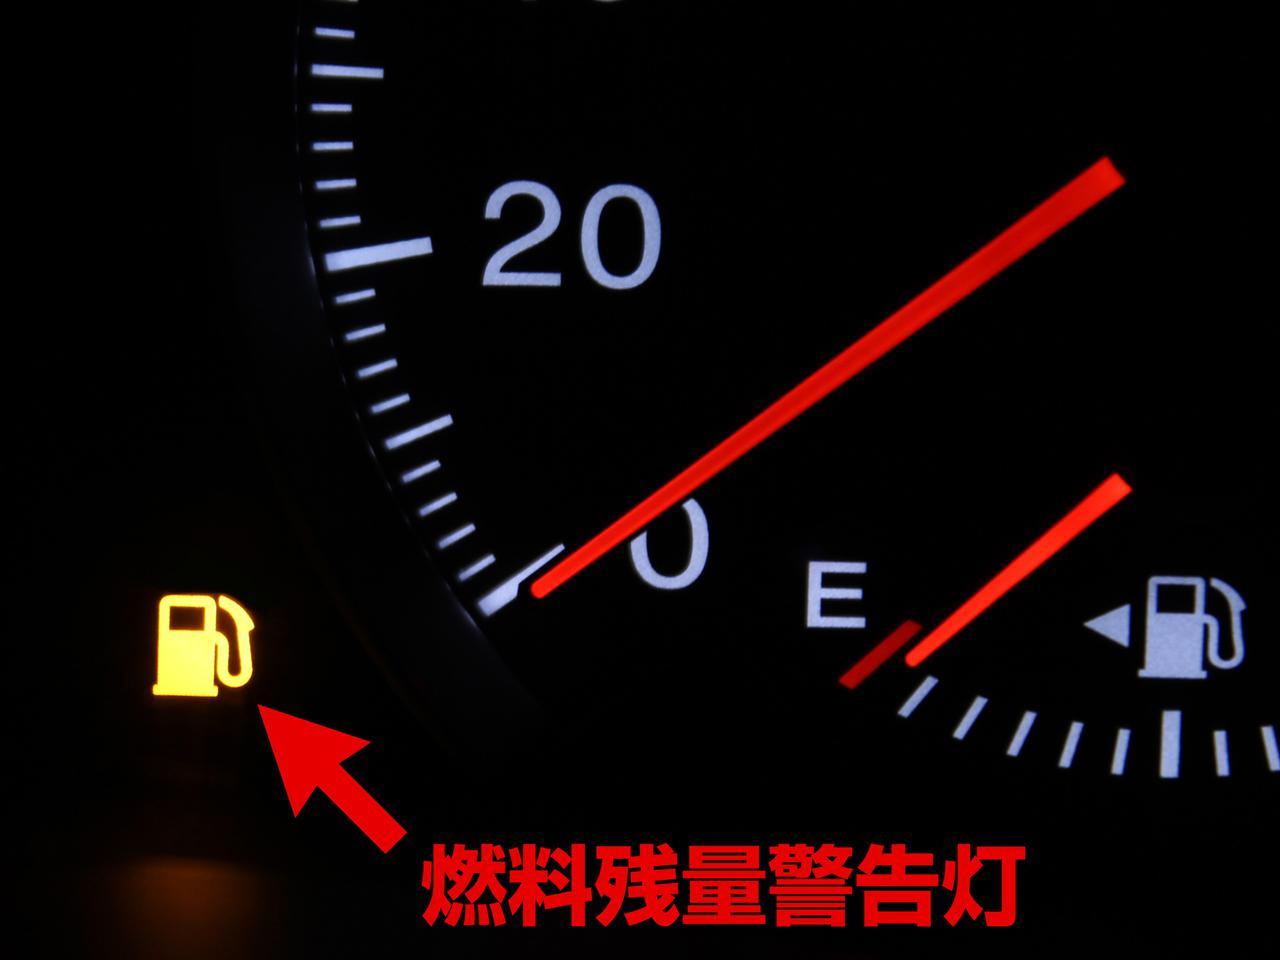 【くるま問答】ガス欠寸前。燃料警告灯が点灯したらあと何km走れる? もし動けなくなったら?